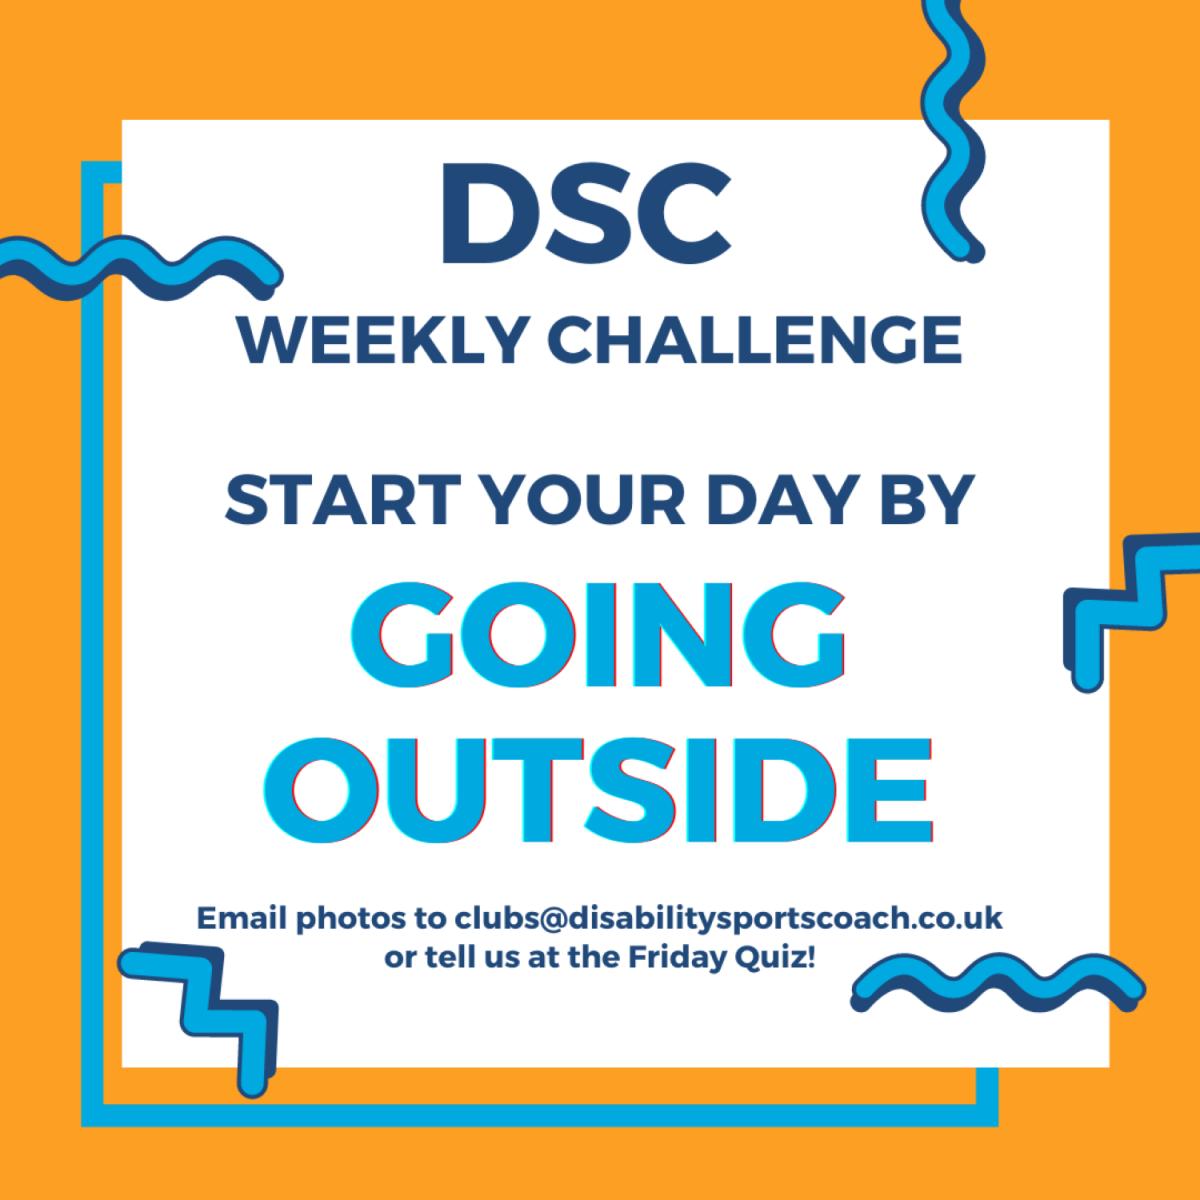 Weekly Challenge - Week 6